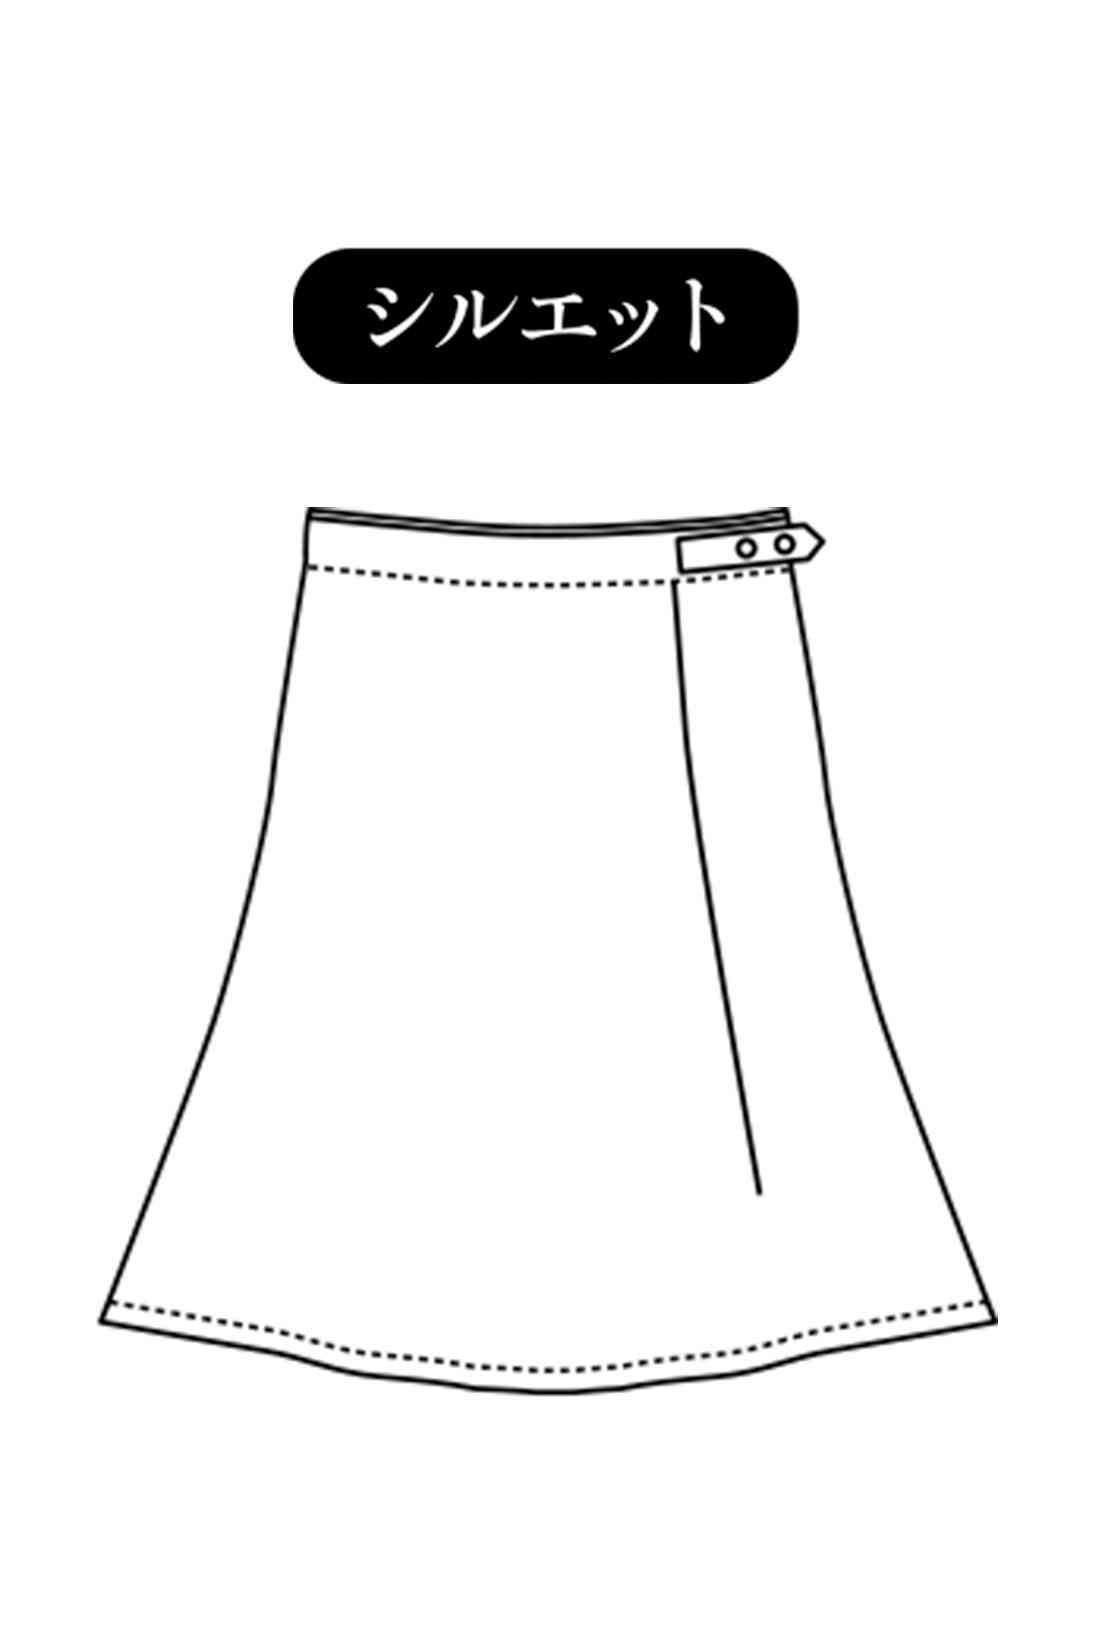 ミモレ丈のフレアー 大人の女性も安心のひざ下丈。きちんと上品に見えて、カジュアルにもフェミニンにも着こなしやすいベストなバランス感とシルエット。